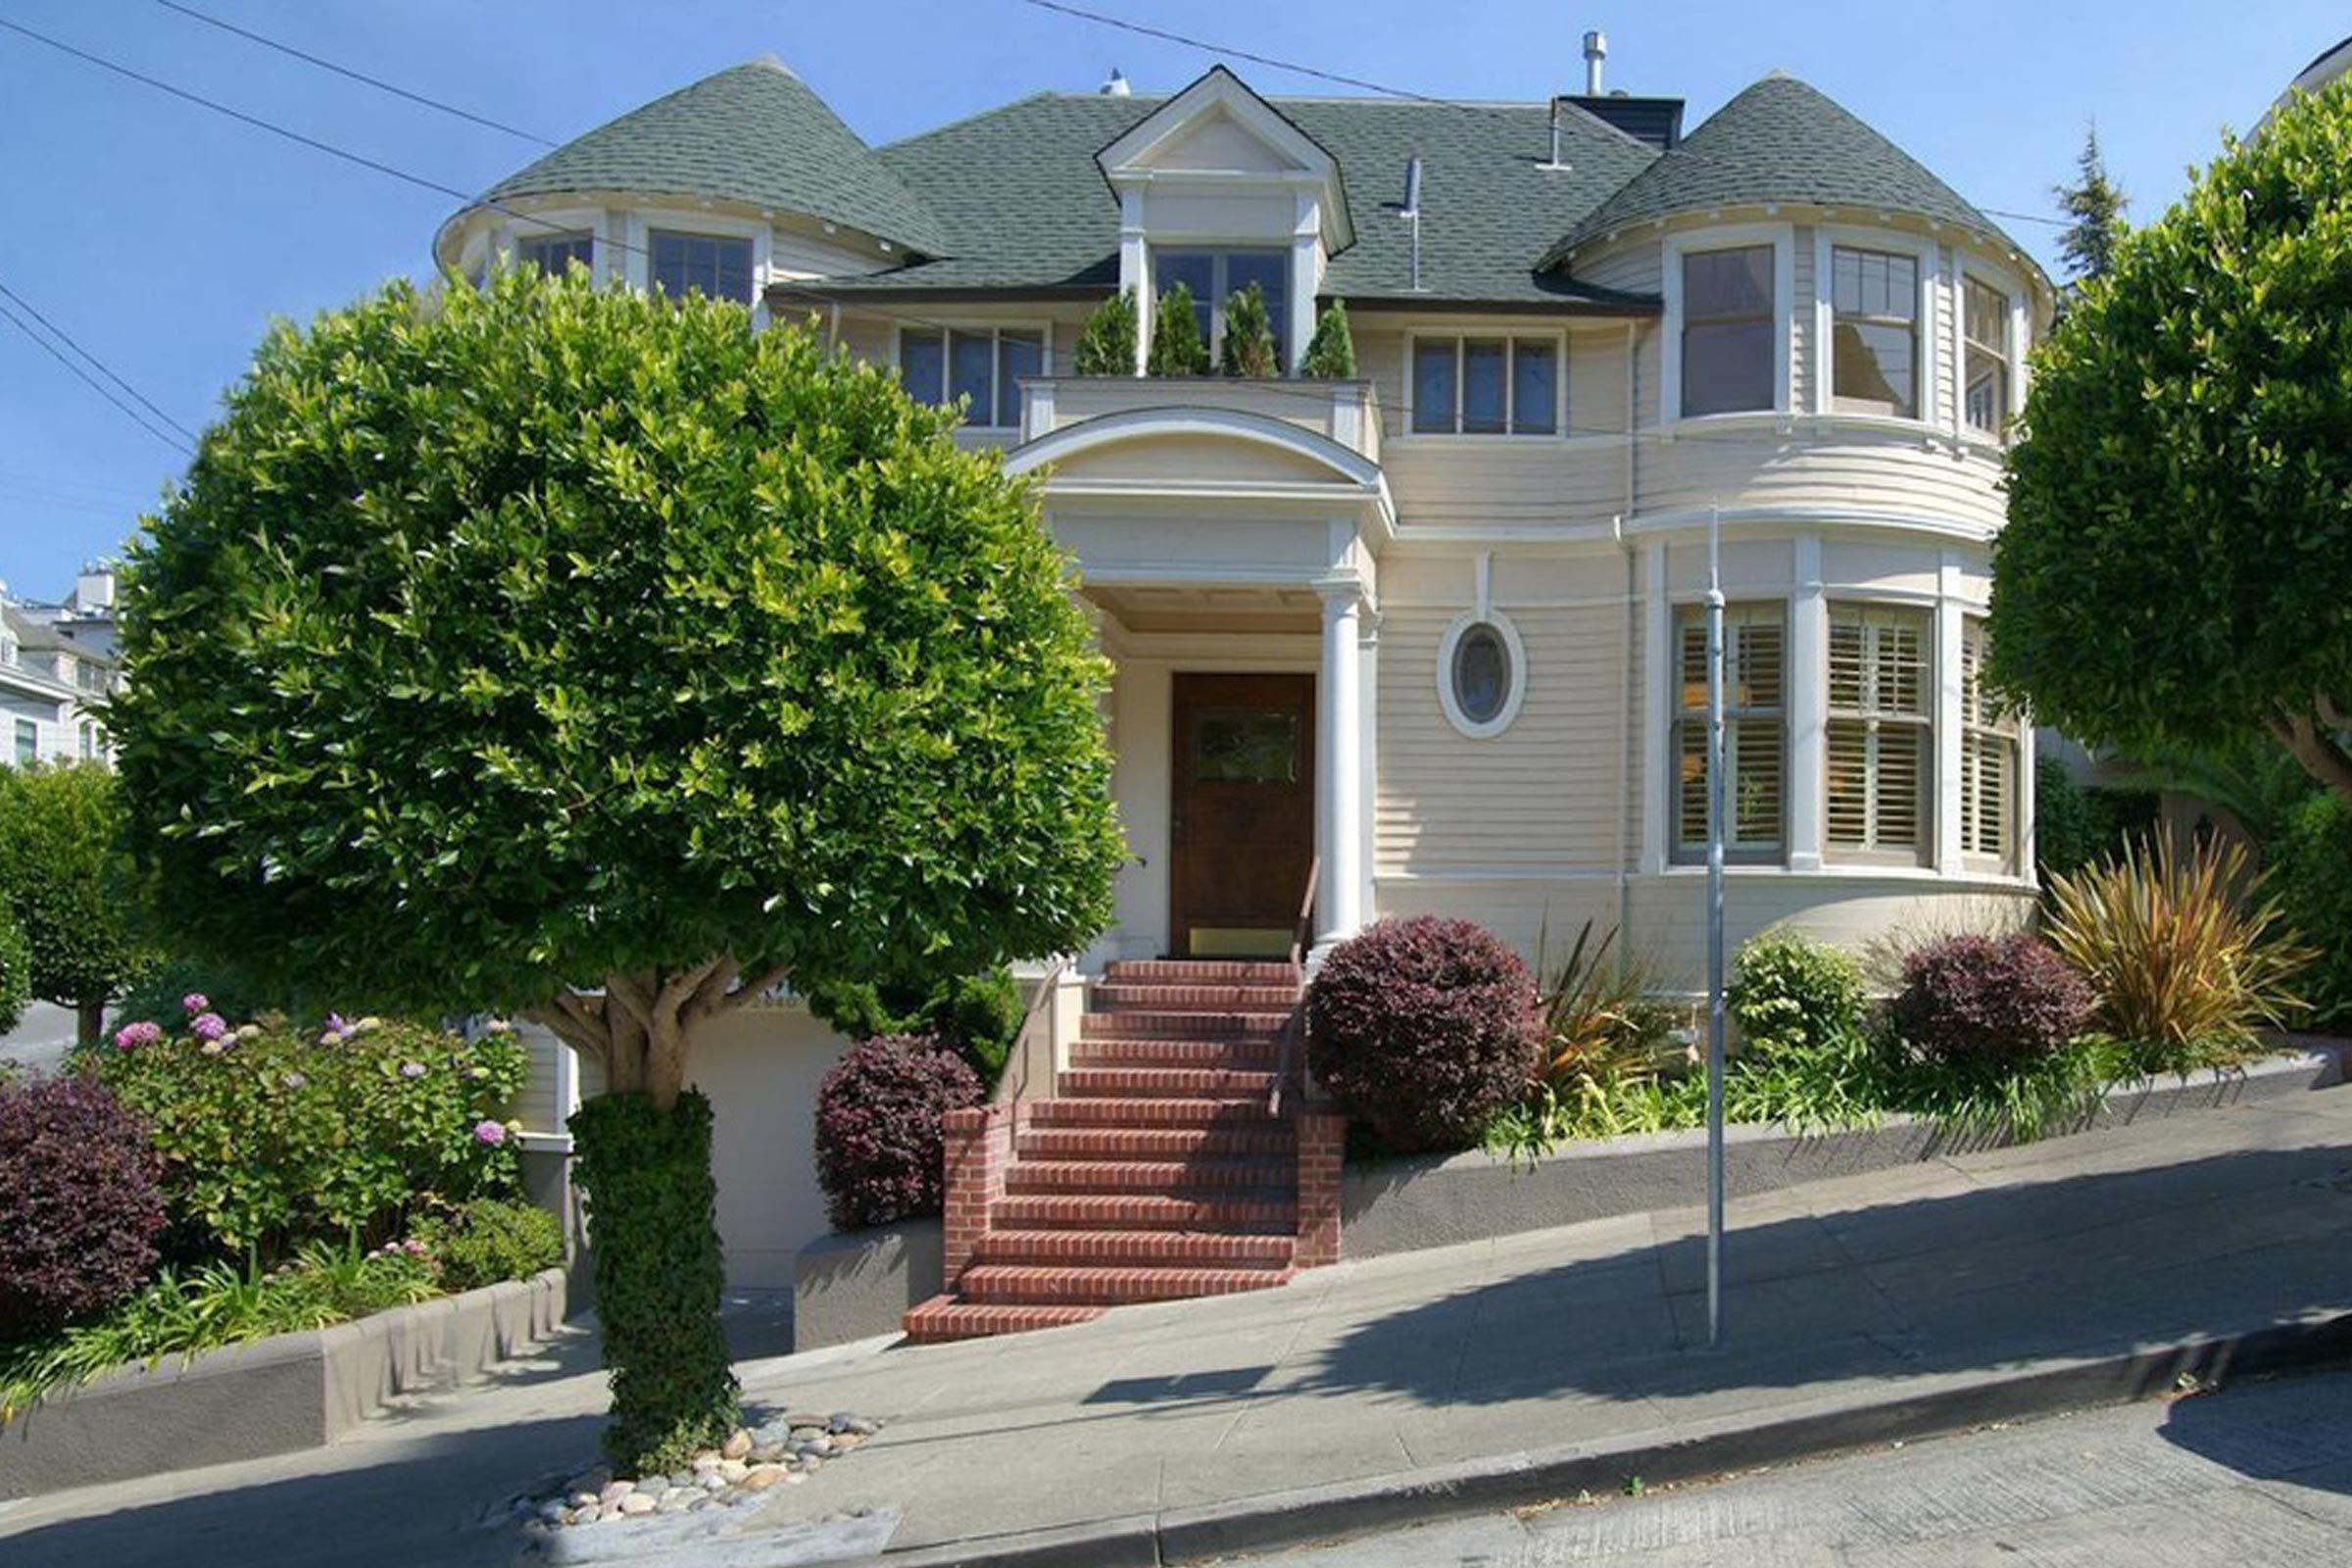 2640 Steiner St San Francisco, CA 94115